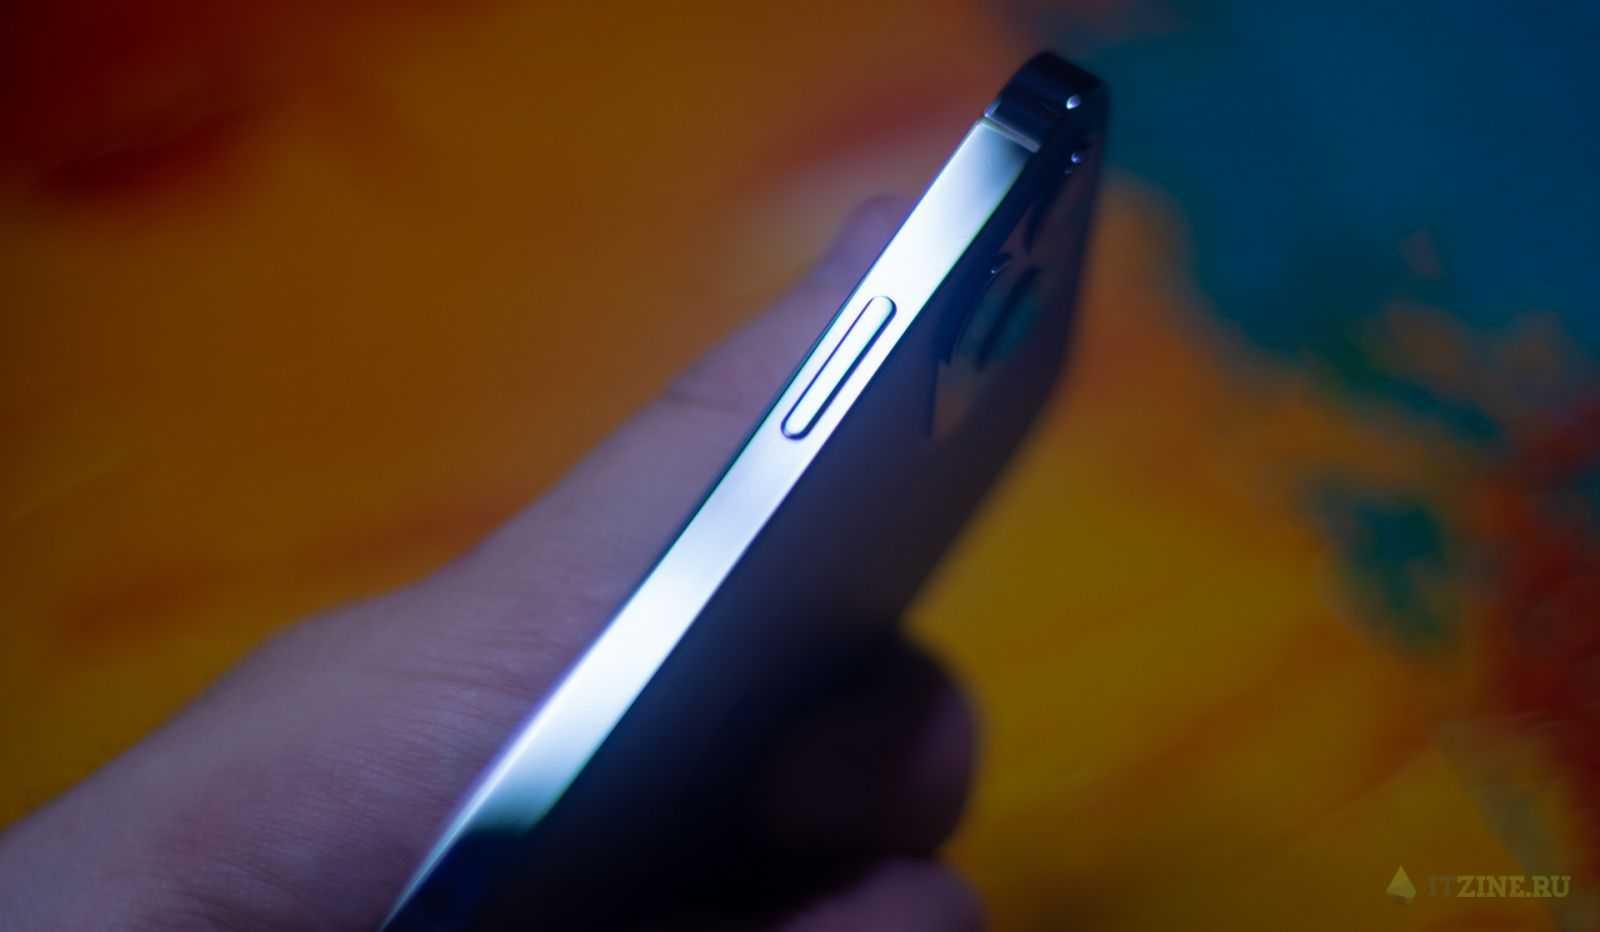 Обзор iPhone 12 Pro: мой любимый размер и цвет (Apple iPhone 12 Pro 69)